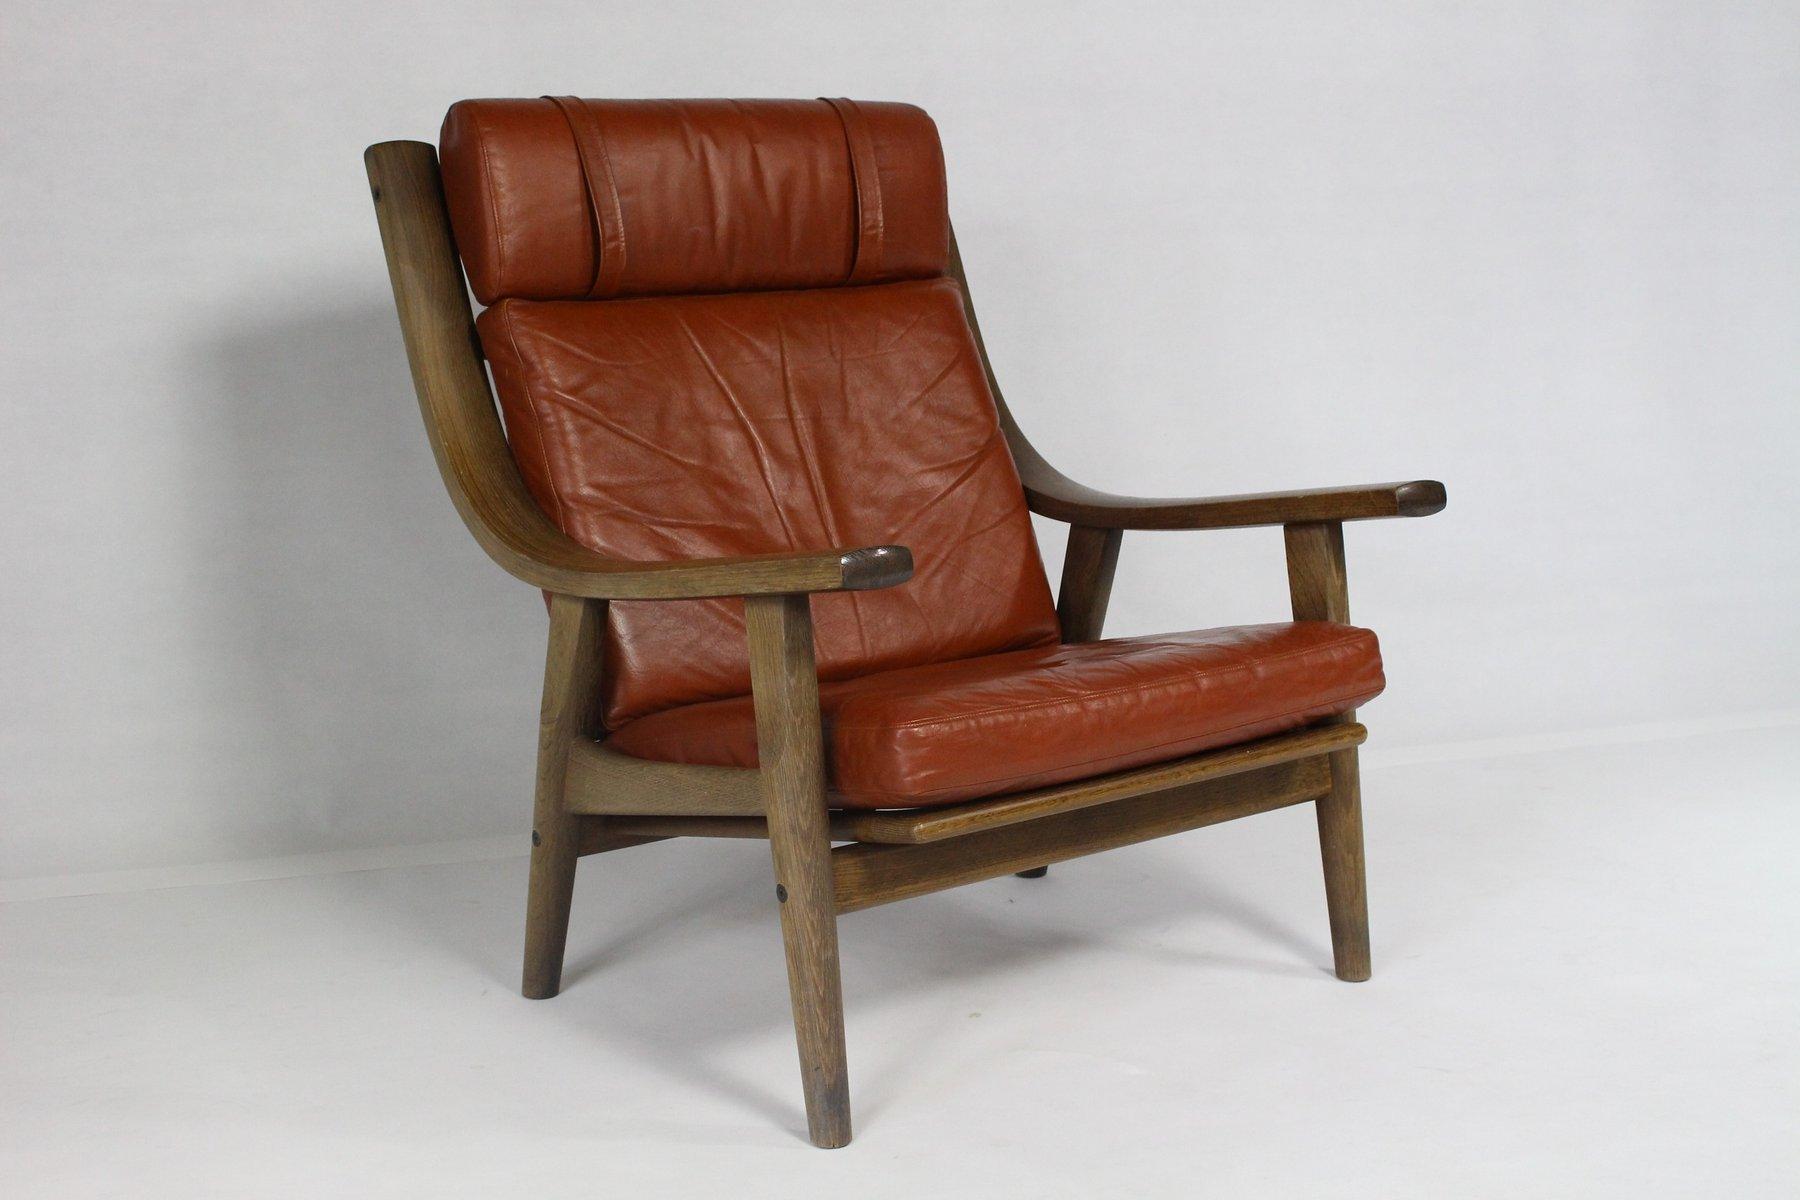 d nischer ge 530 vintage sessel mit hoher r ckenlehne von. Black Bedroom Furniture Sets. Home Design Ideas